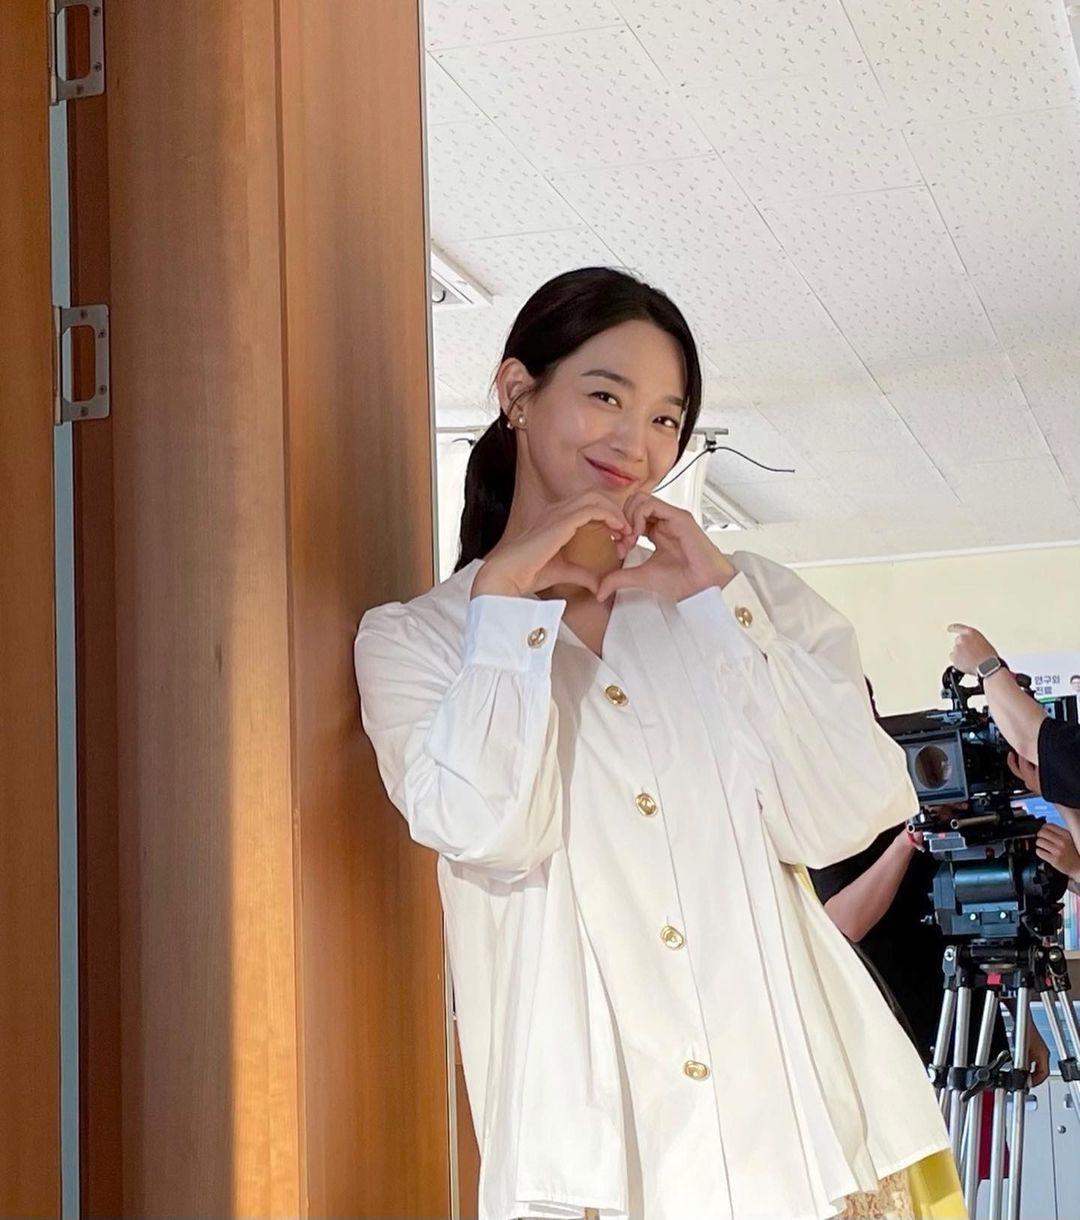 Shin Min Ah at the taping of Hometown Cha-Cha-Cha